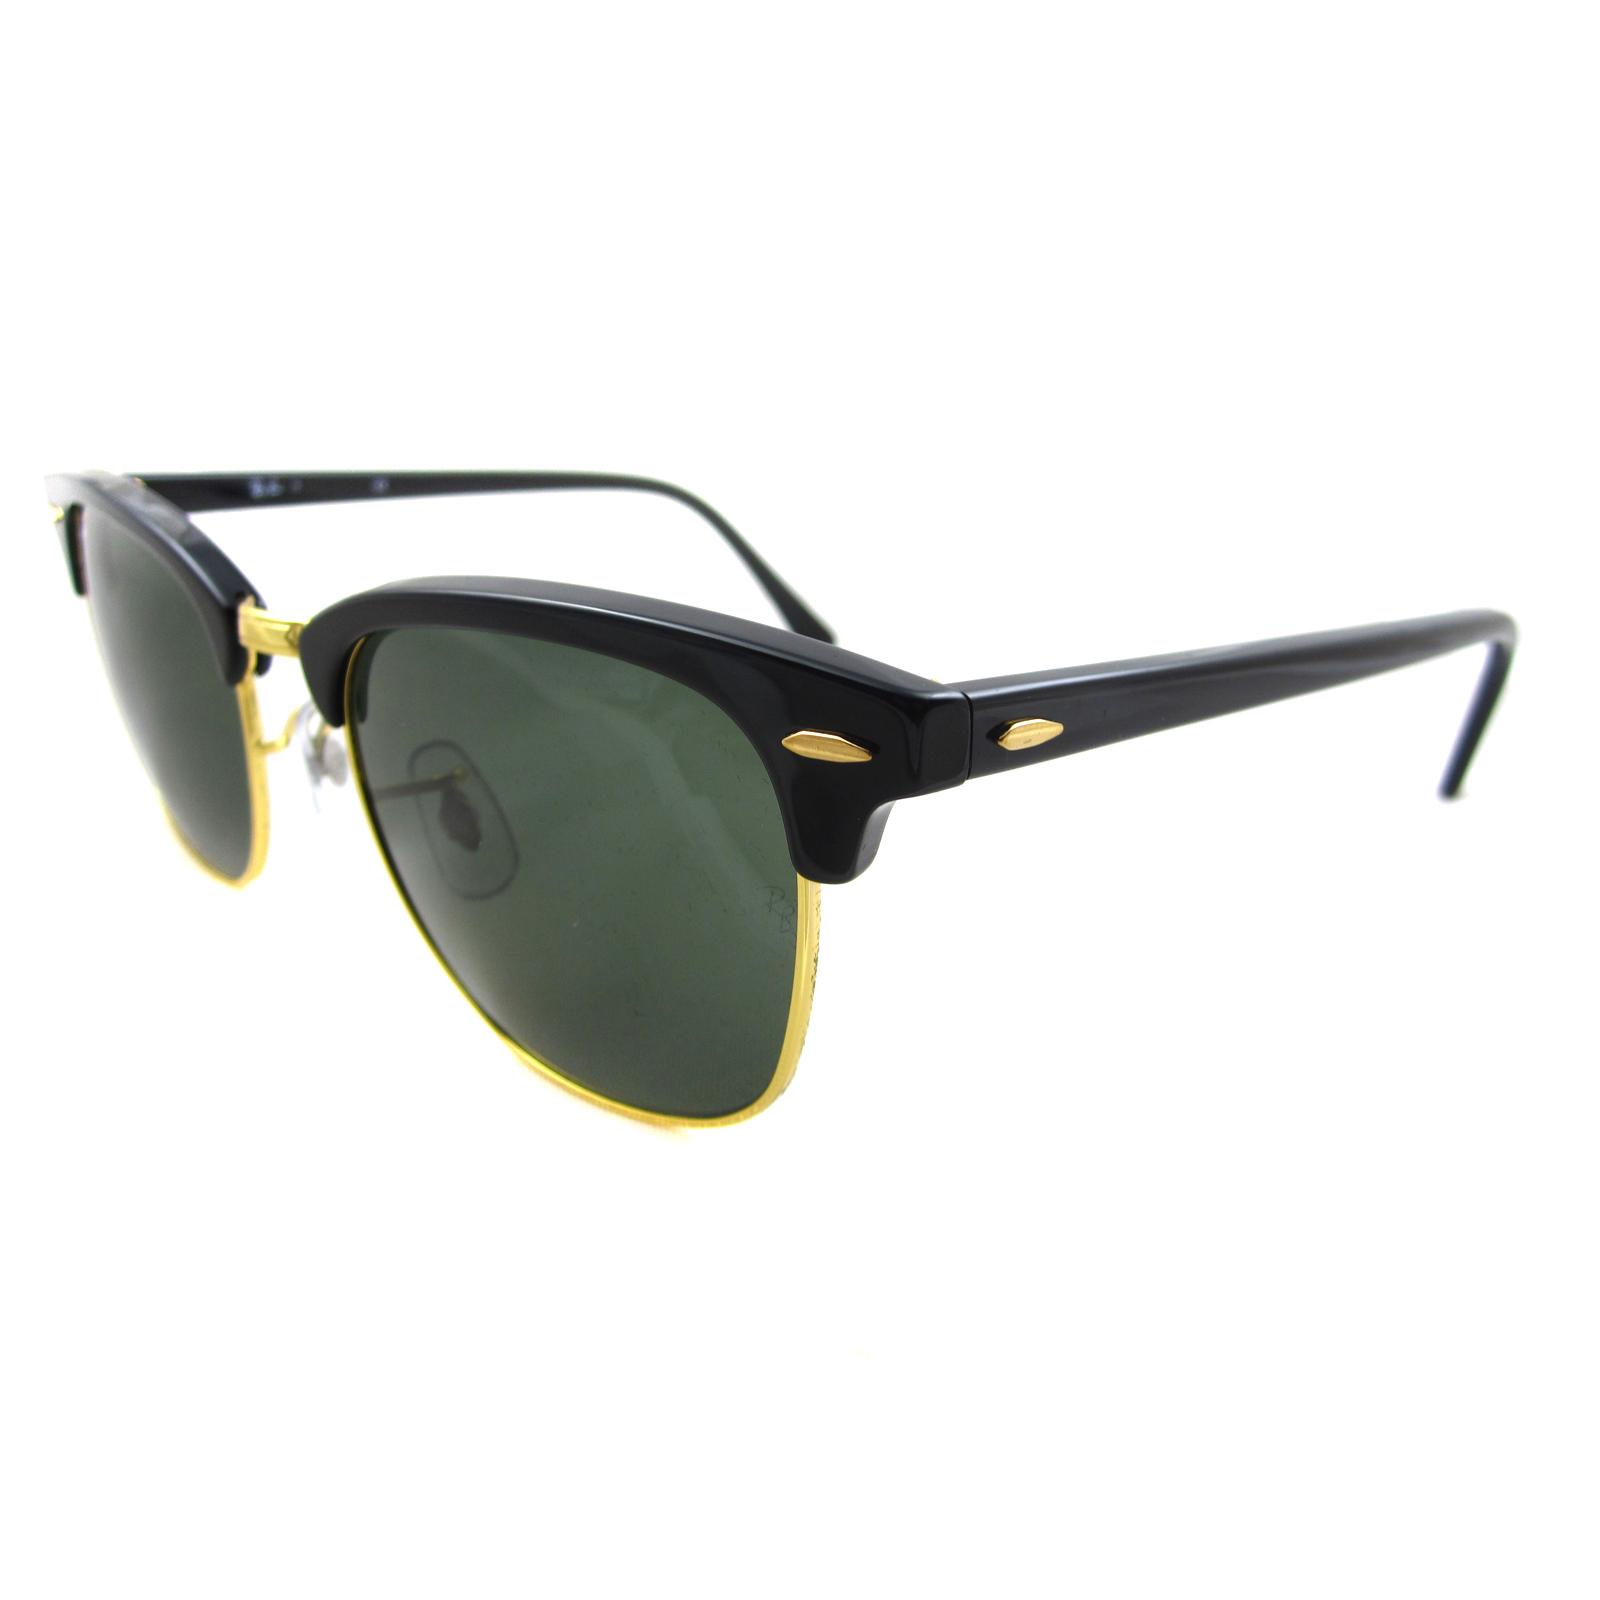 Ray-Ban RB3016 Sonnenbrille Schwarz W0365 51mm aujjtD